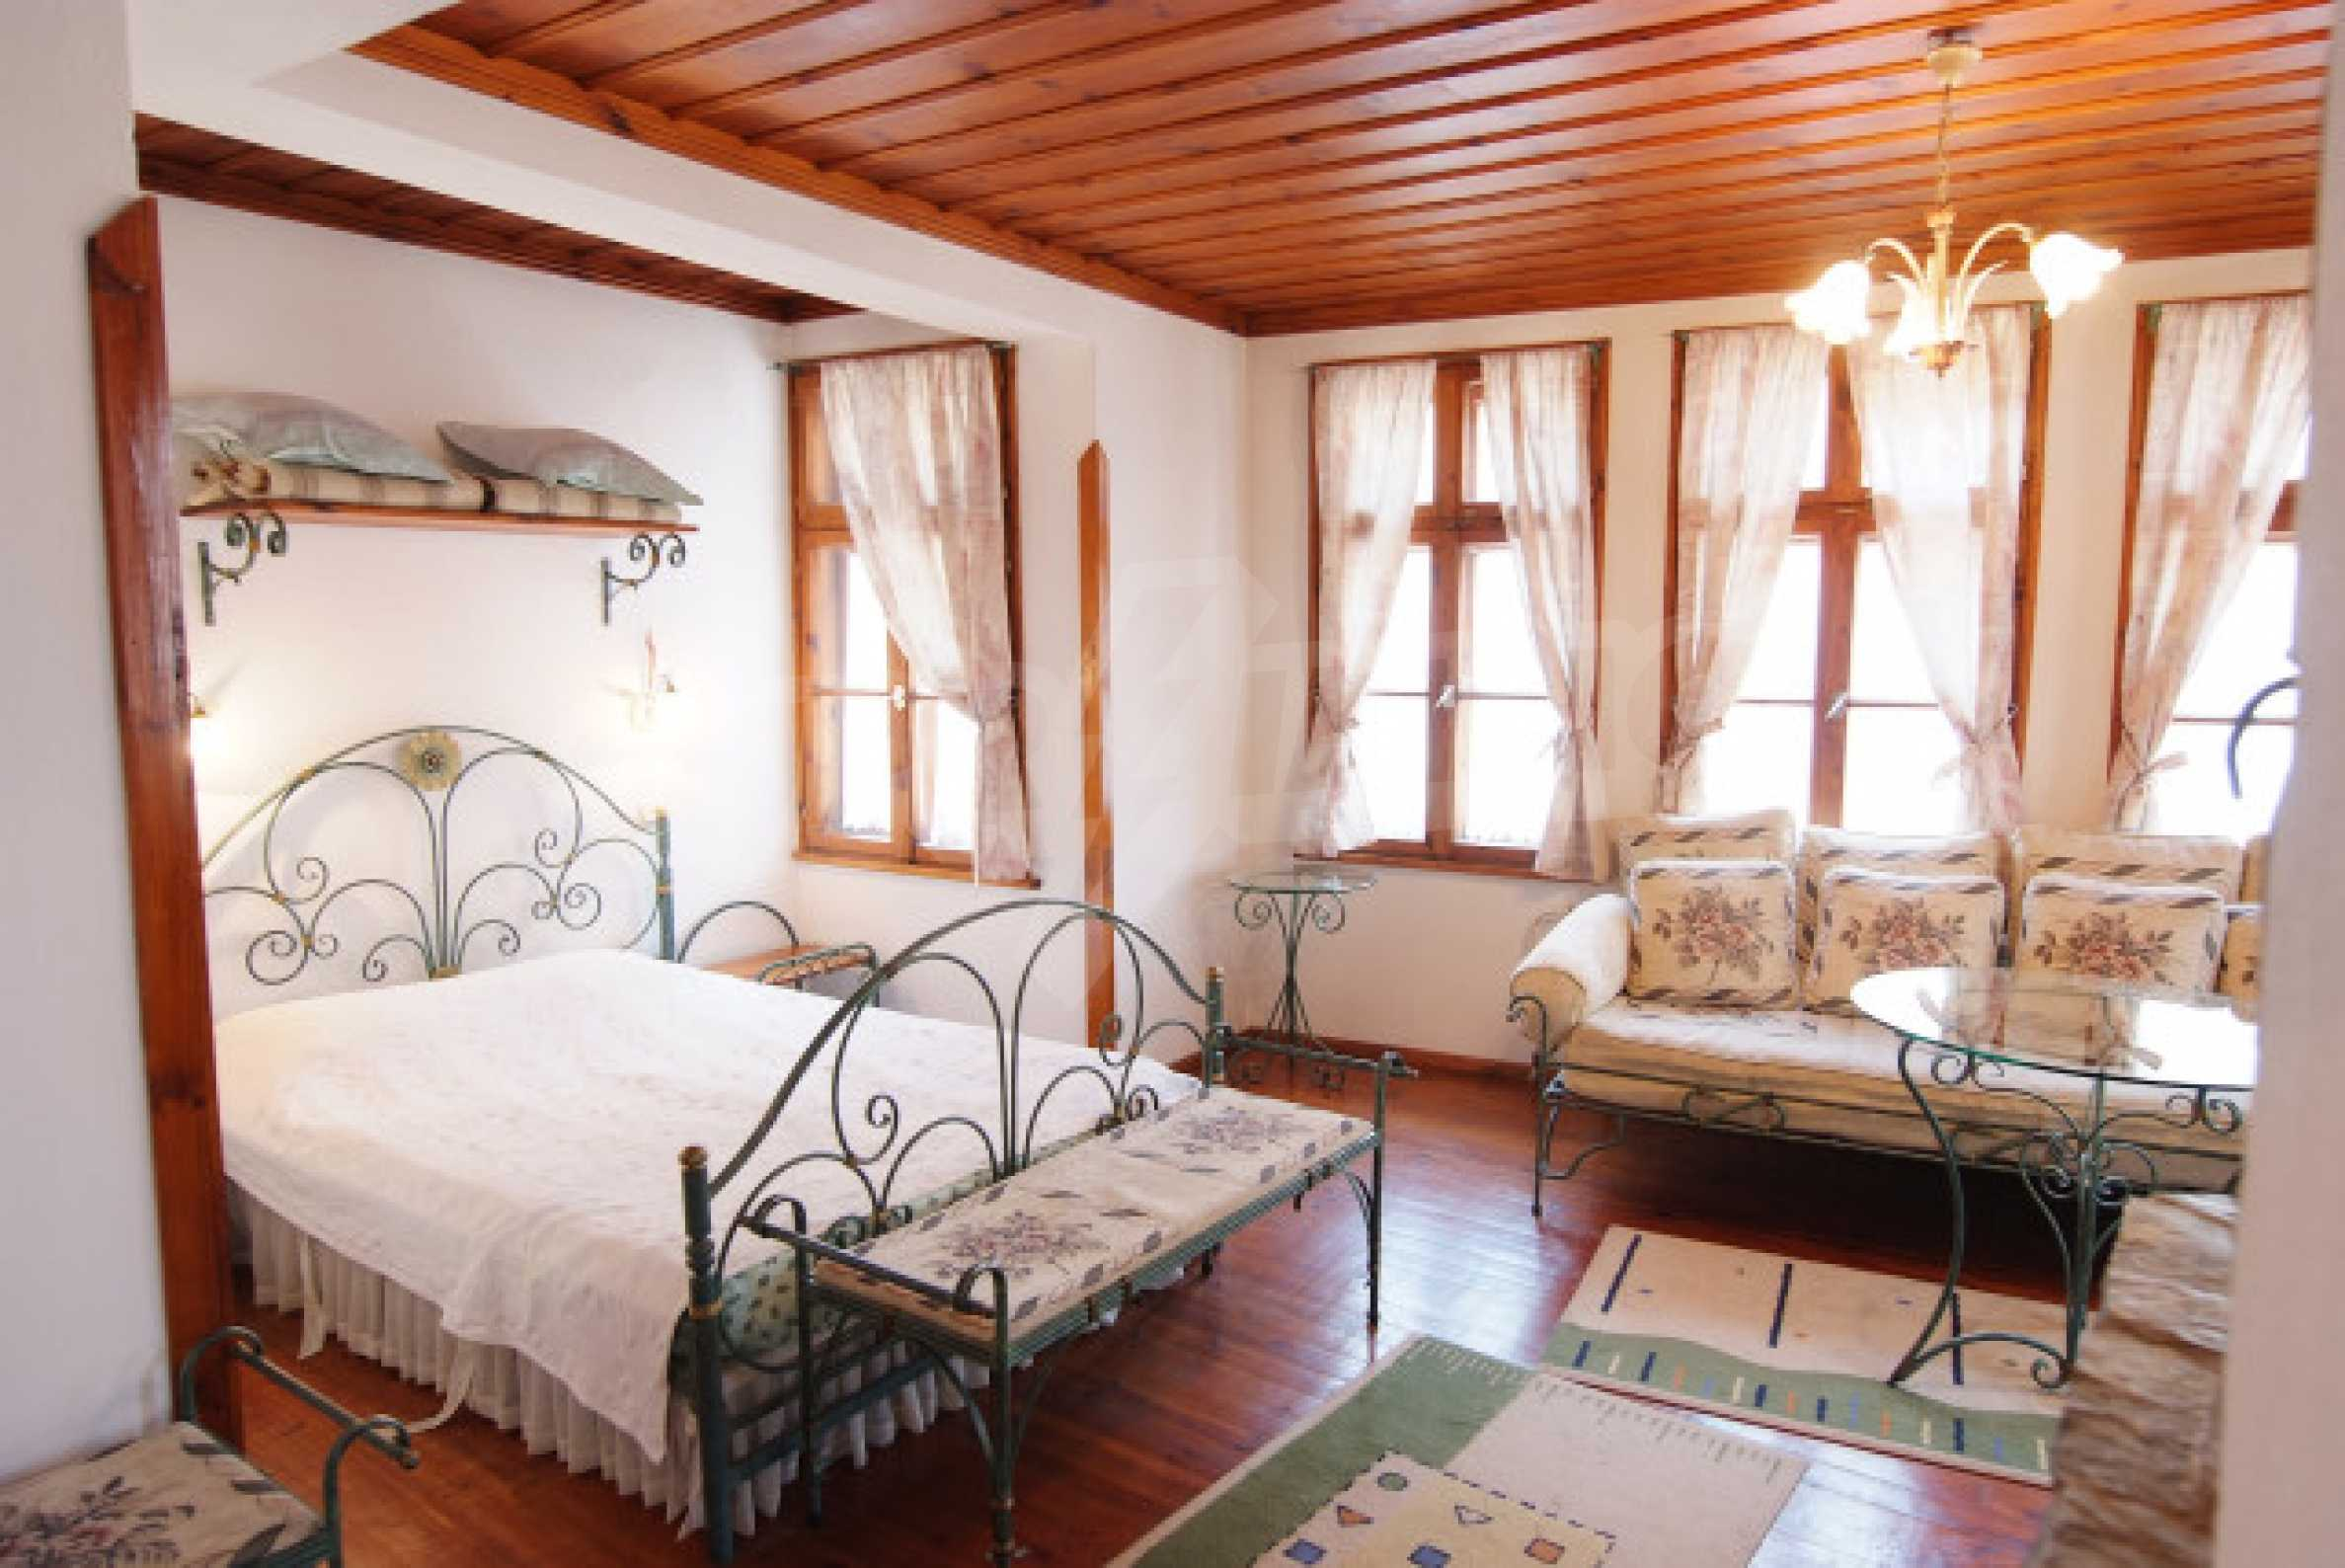 Семеен хотел в центъра на град Мелник 27